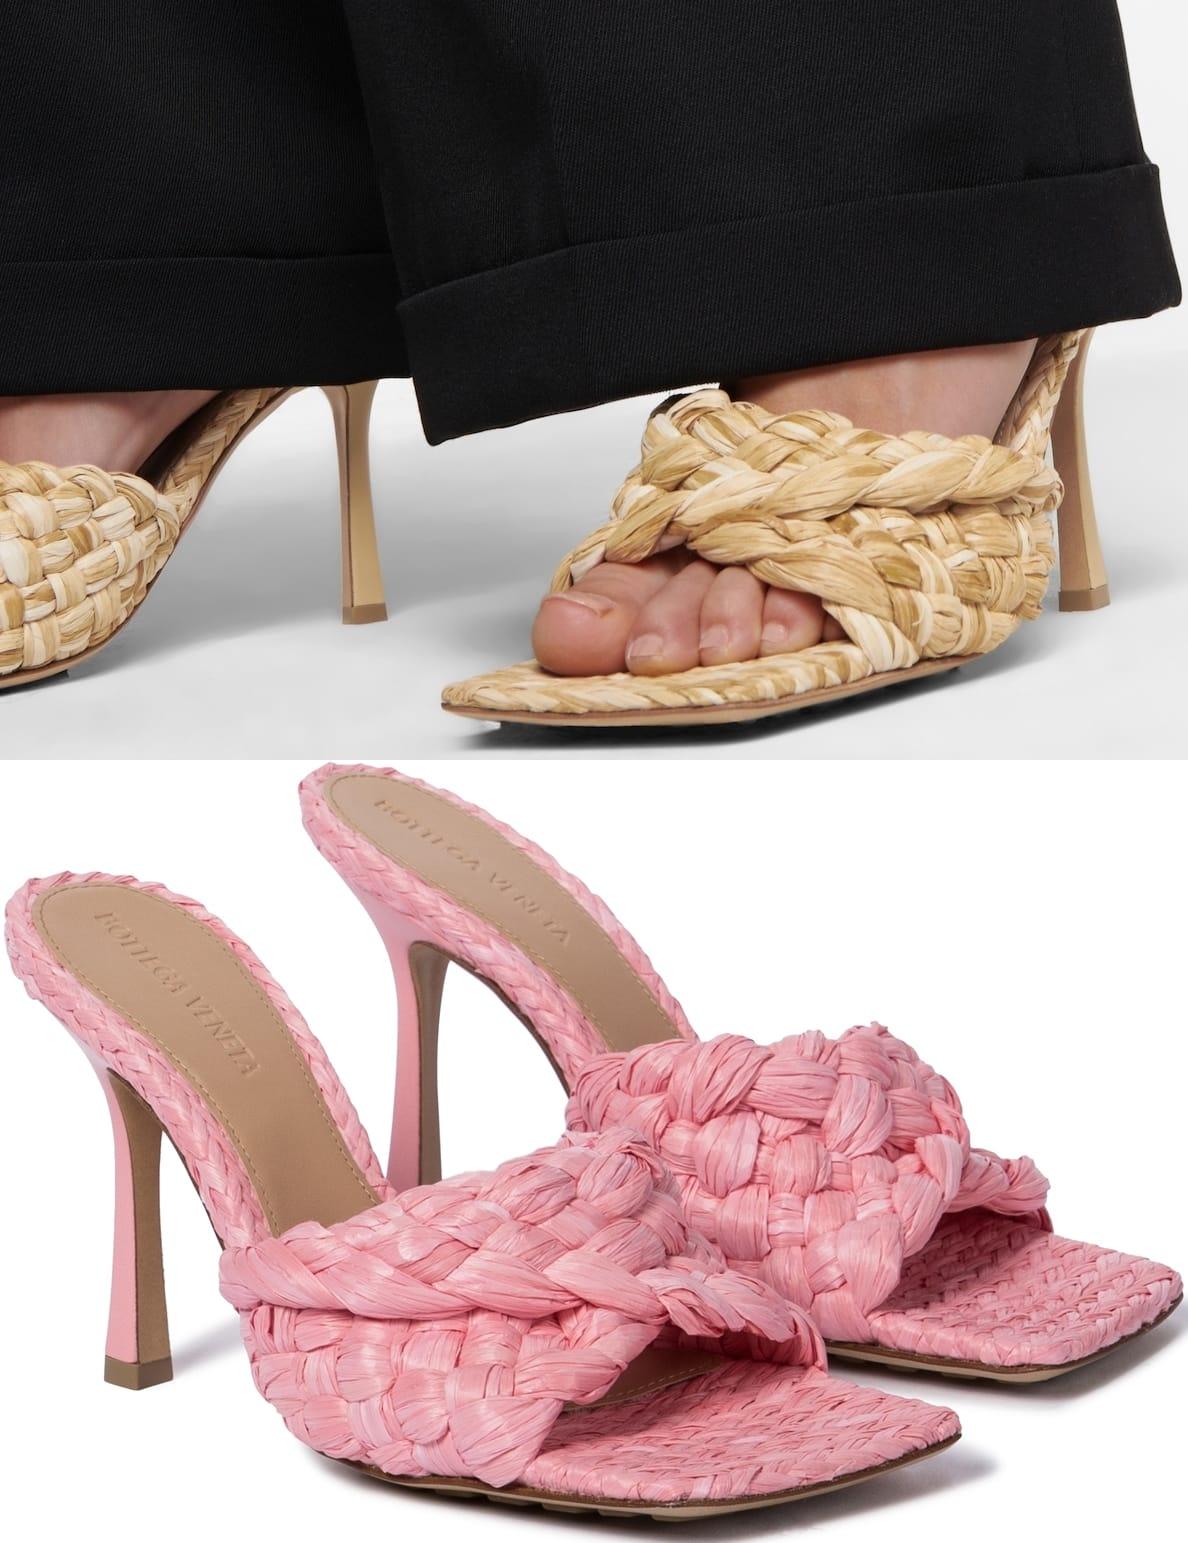 Bottega Veneta's signature Stretch sandals with woven raffia straps